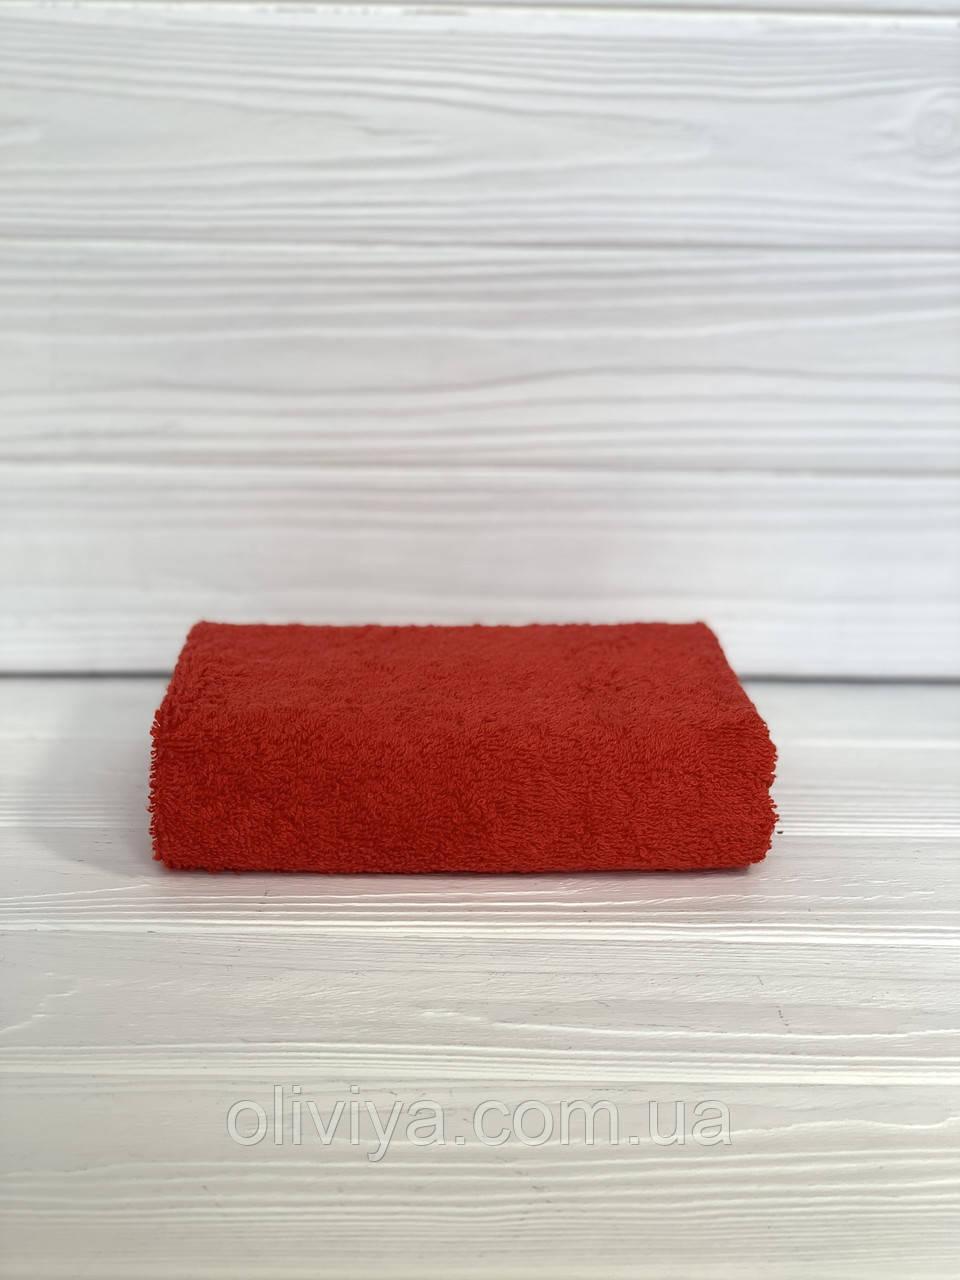 Полотенце для гостиниц красное 50х90